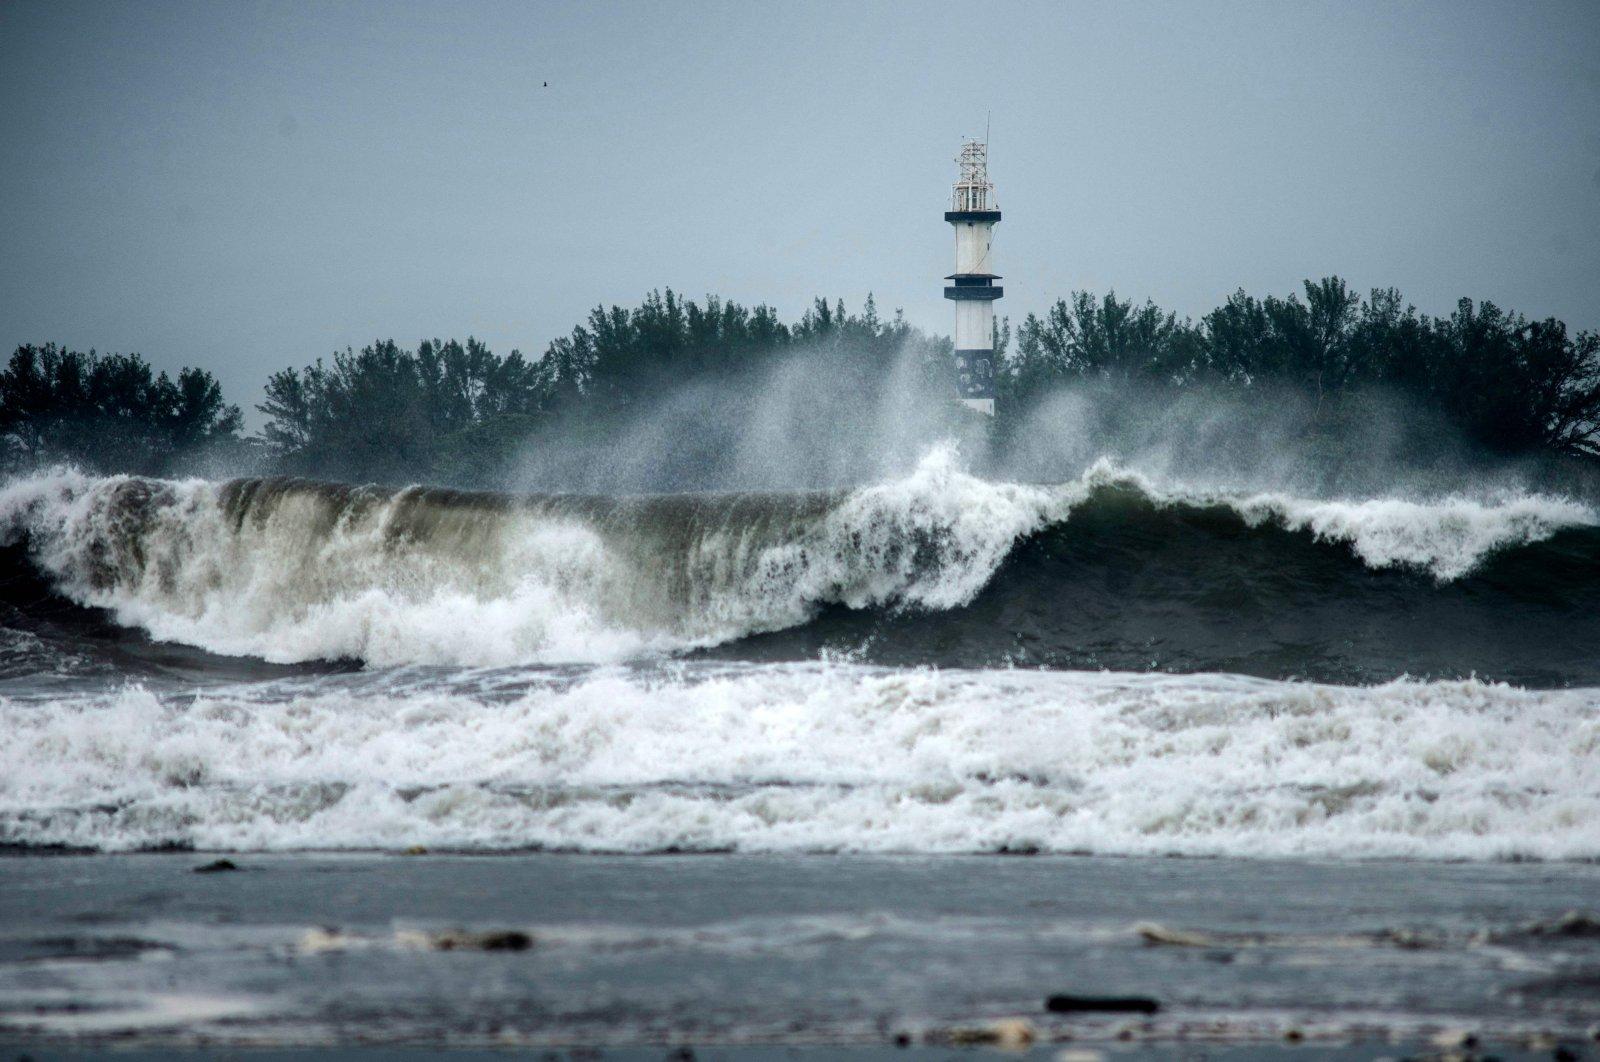 Strong waves reach the Island of Sacrifices due to Hurricane Grace, as seen from Boca del Rio, Veracruz, Mexico, Aug. 20, 2021. (AFP Photo)